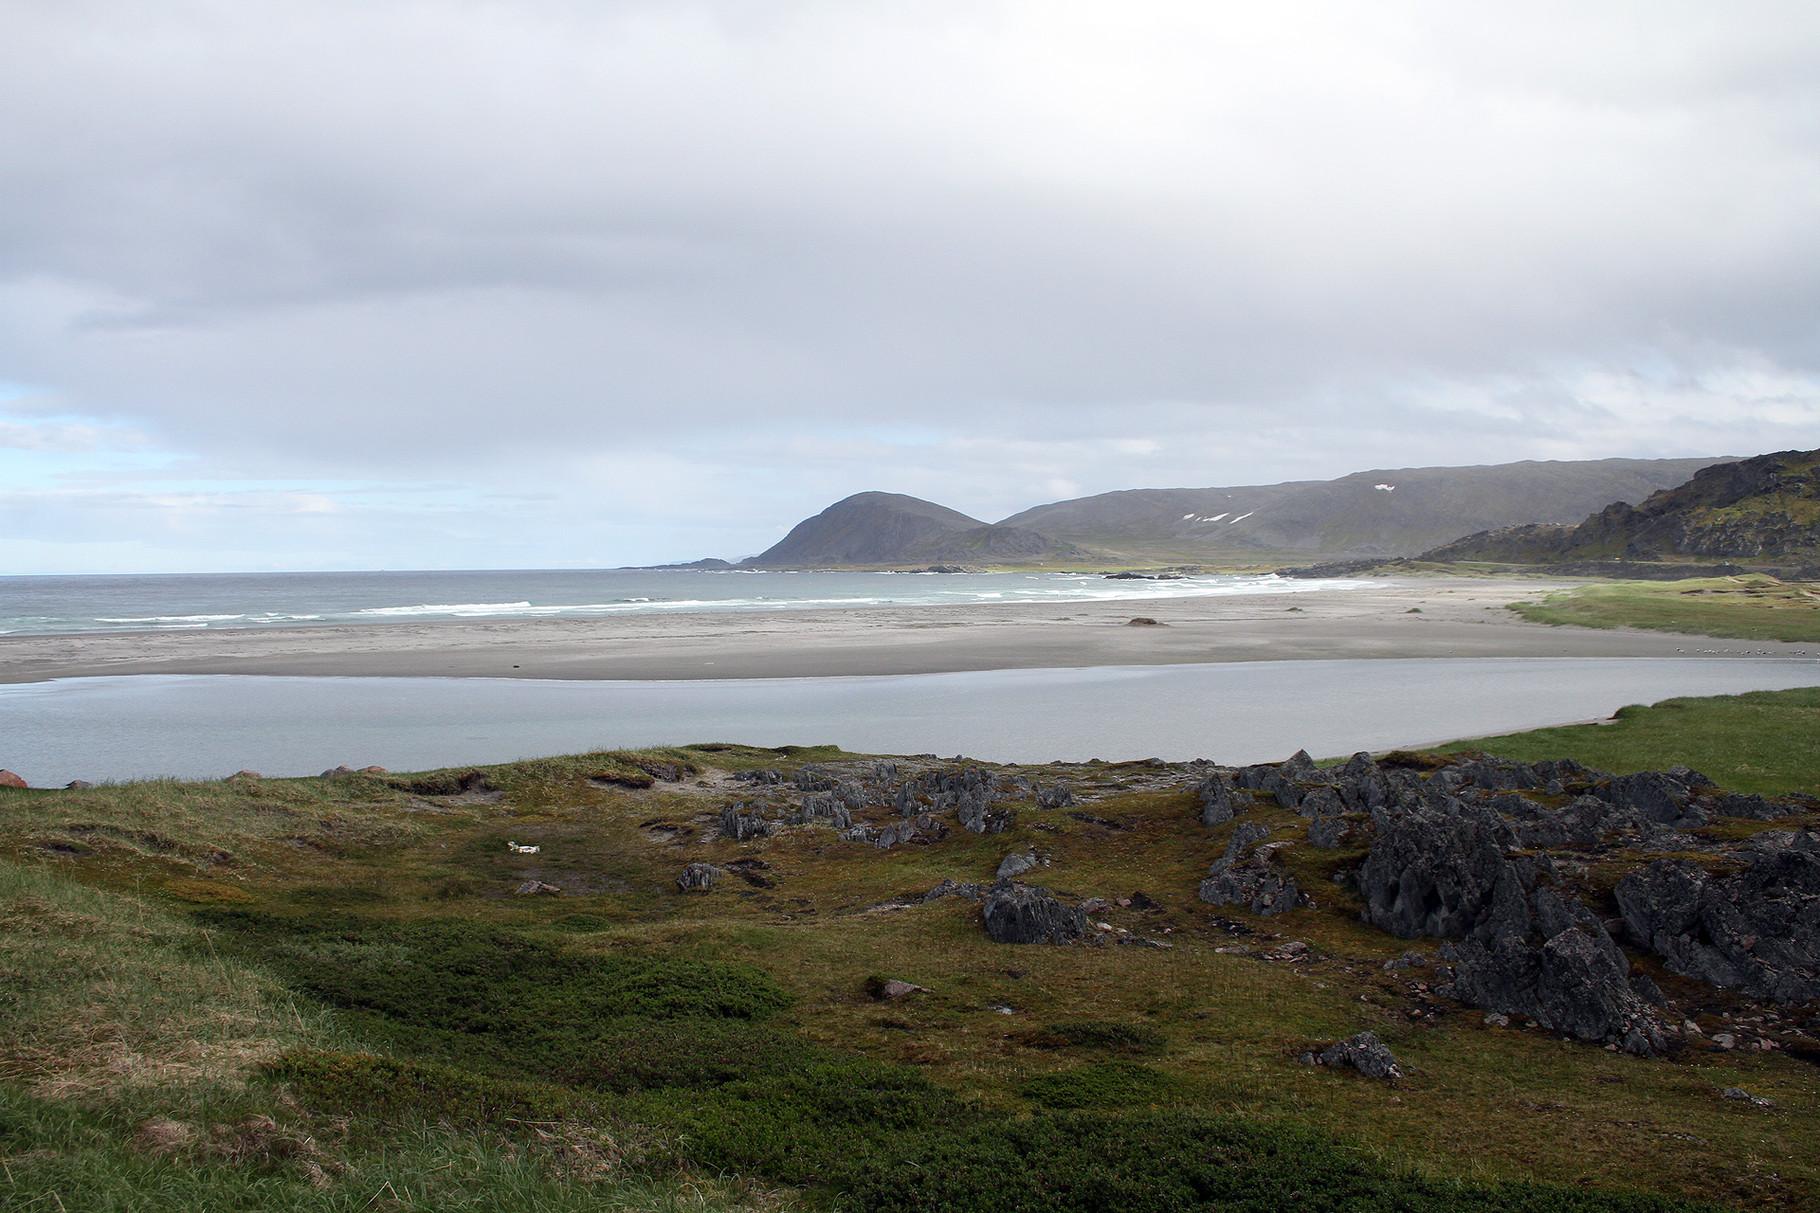 Küstenlandschaft an der Barentsee bei Berlevag